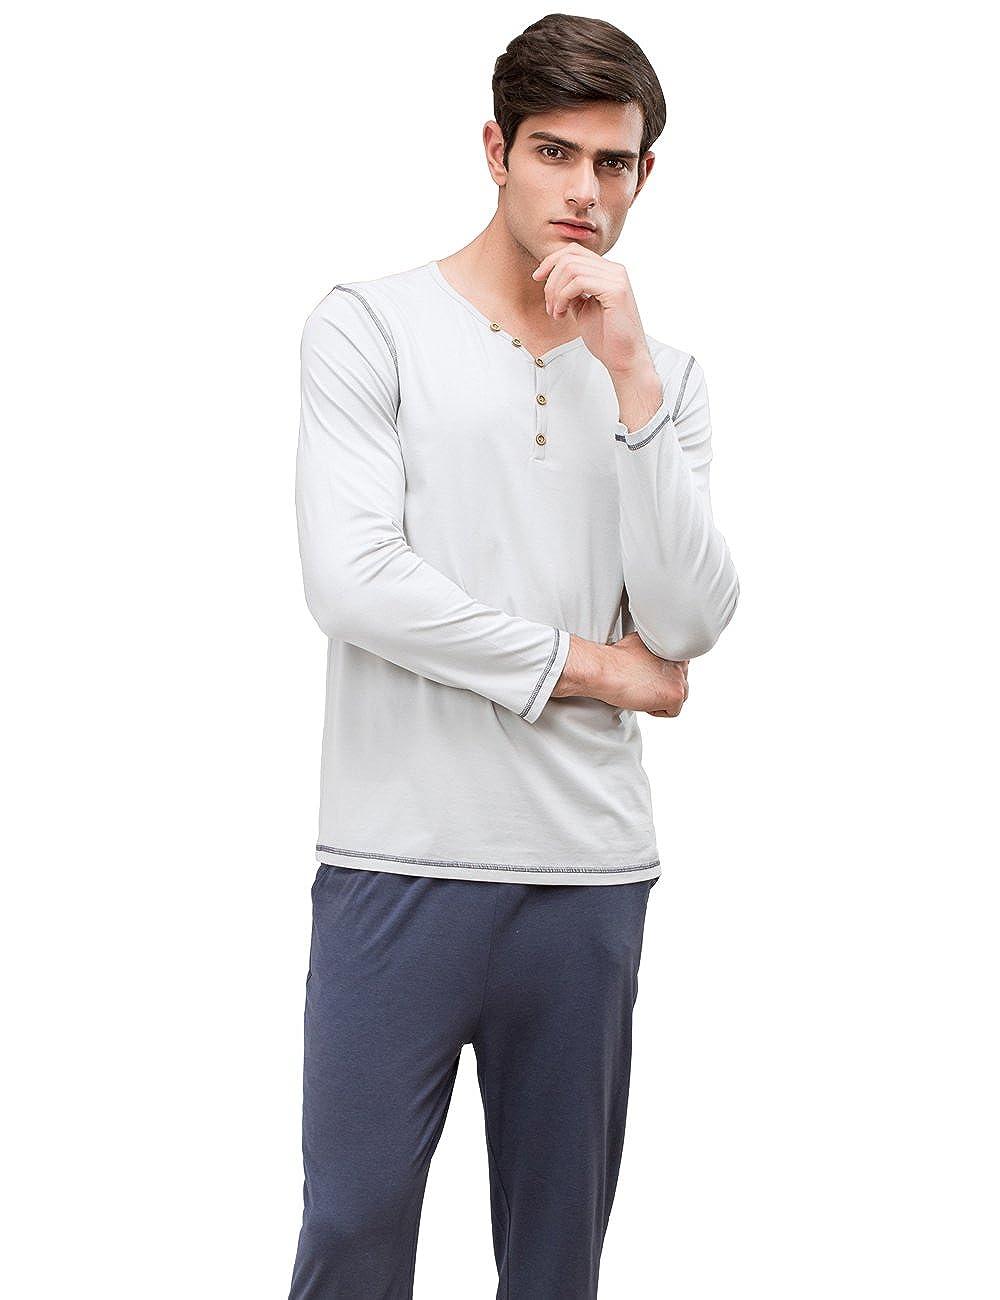 QianXiu Primavera Estate Stagione Set da uomo pigiama Manica Corta indumenti da notte Cotone pigiameria Tempo libero Pigiami Home Abbigliamento